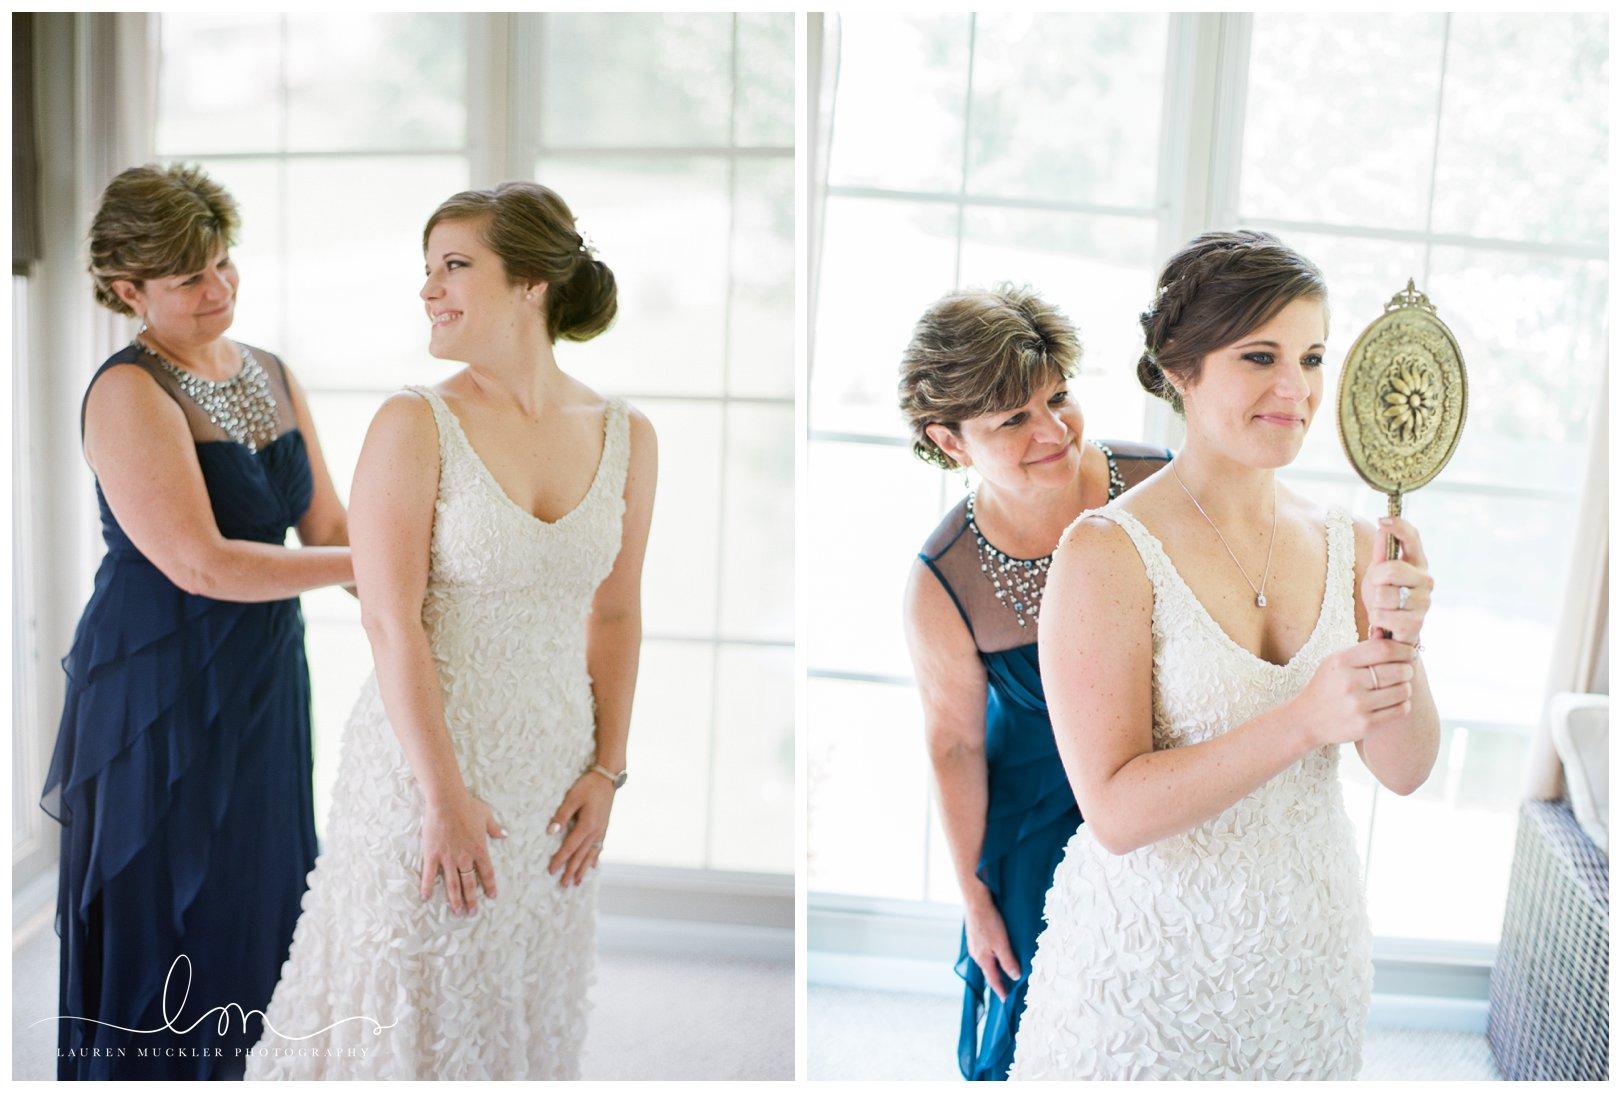 lauren muckler photography_fine art film wedding photography_st louis_photography_0549.jpg